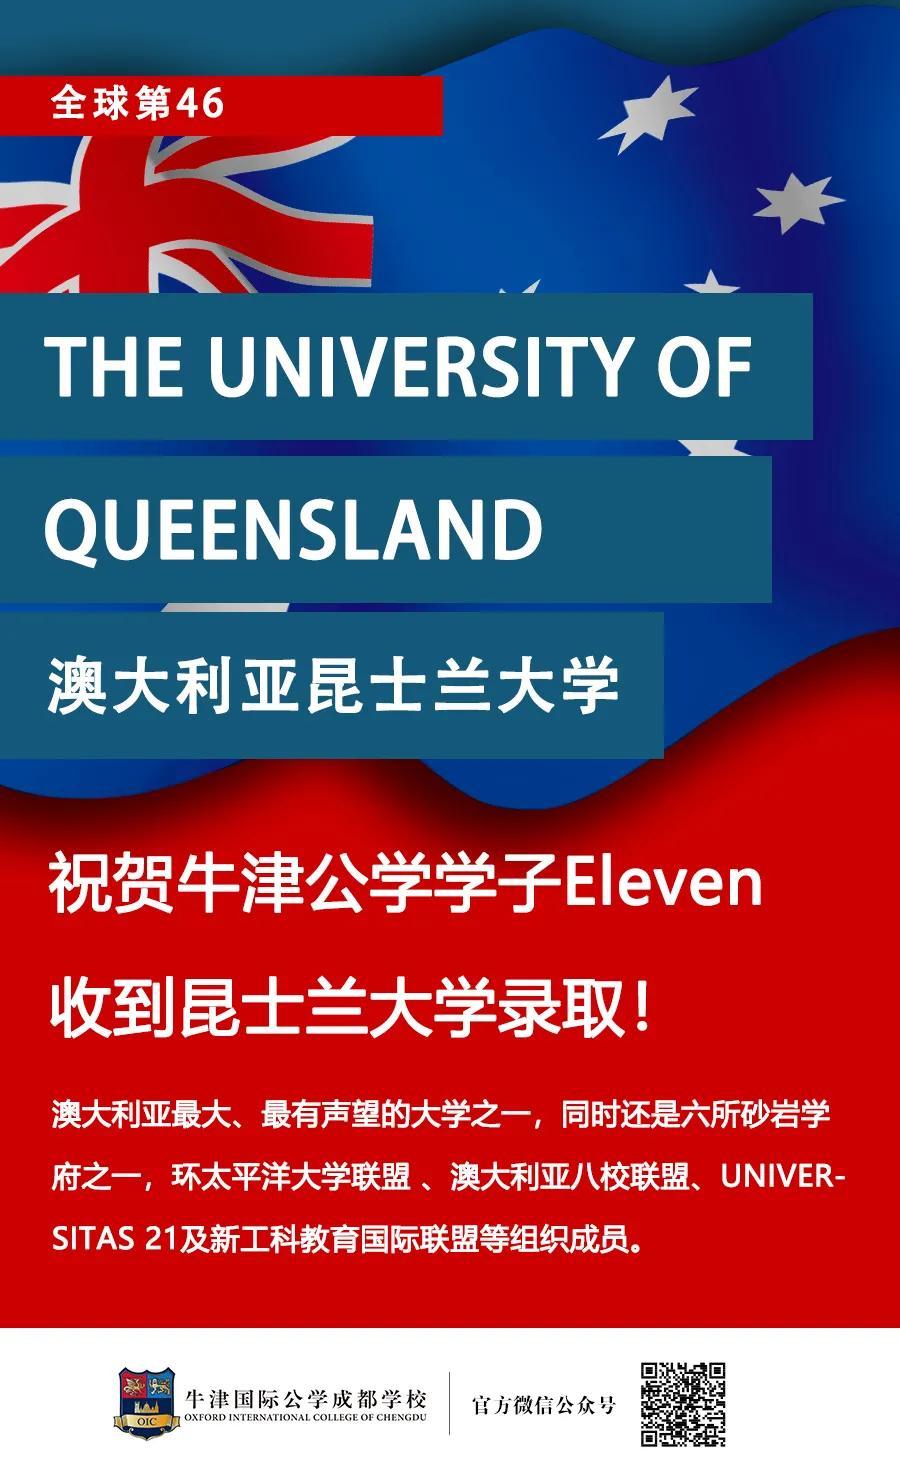 喜报丨澳洲八大、顶尖艺术大学offer来啦,还有大额奖学金